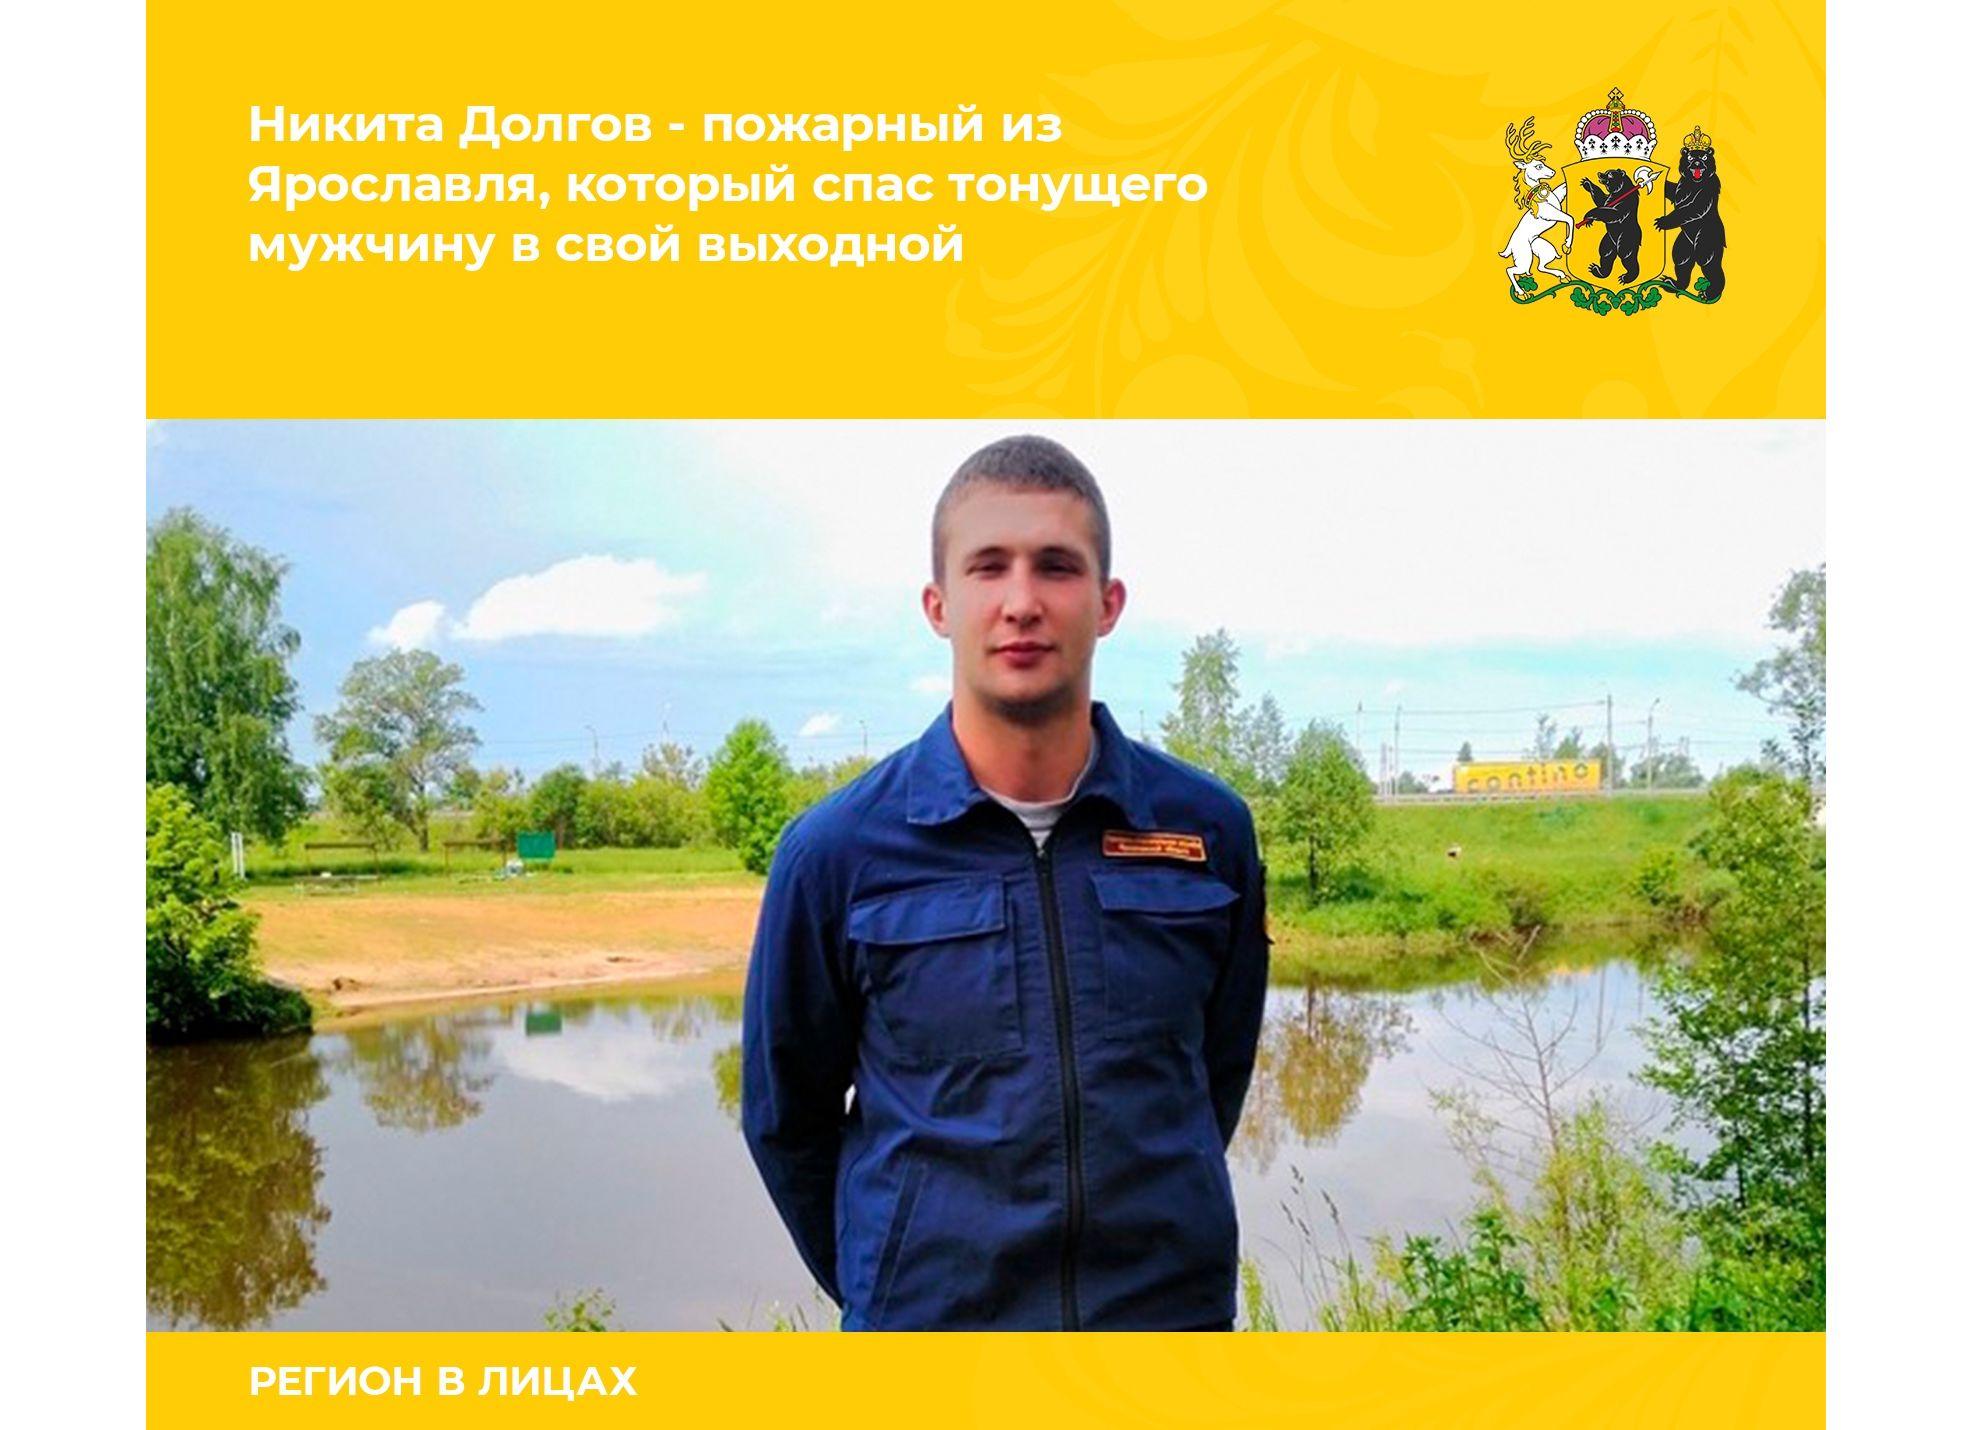 У героев нет выходных: ярославский пожарный спас тонущего мужчину